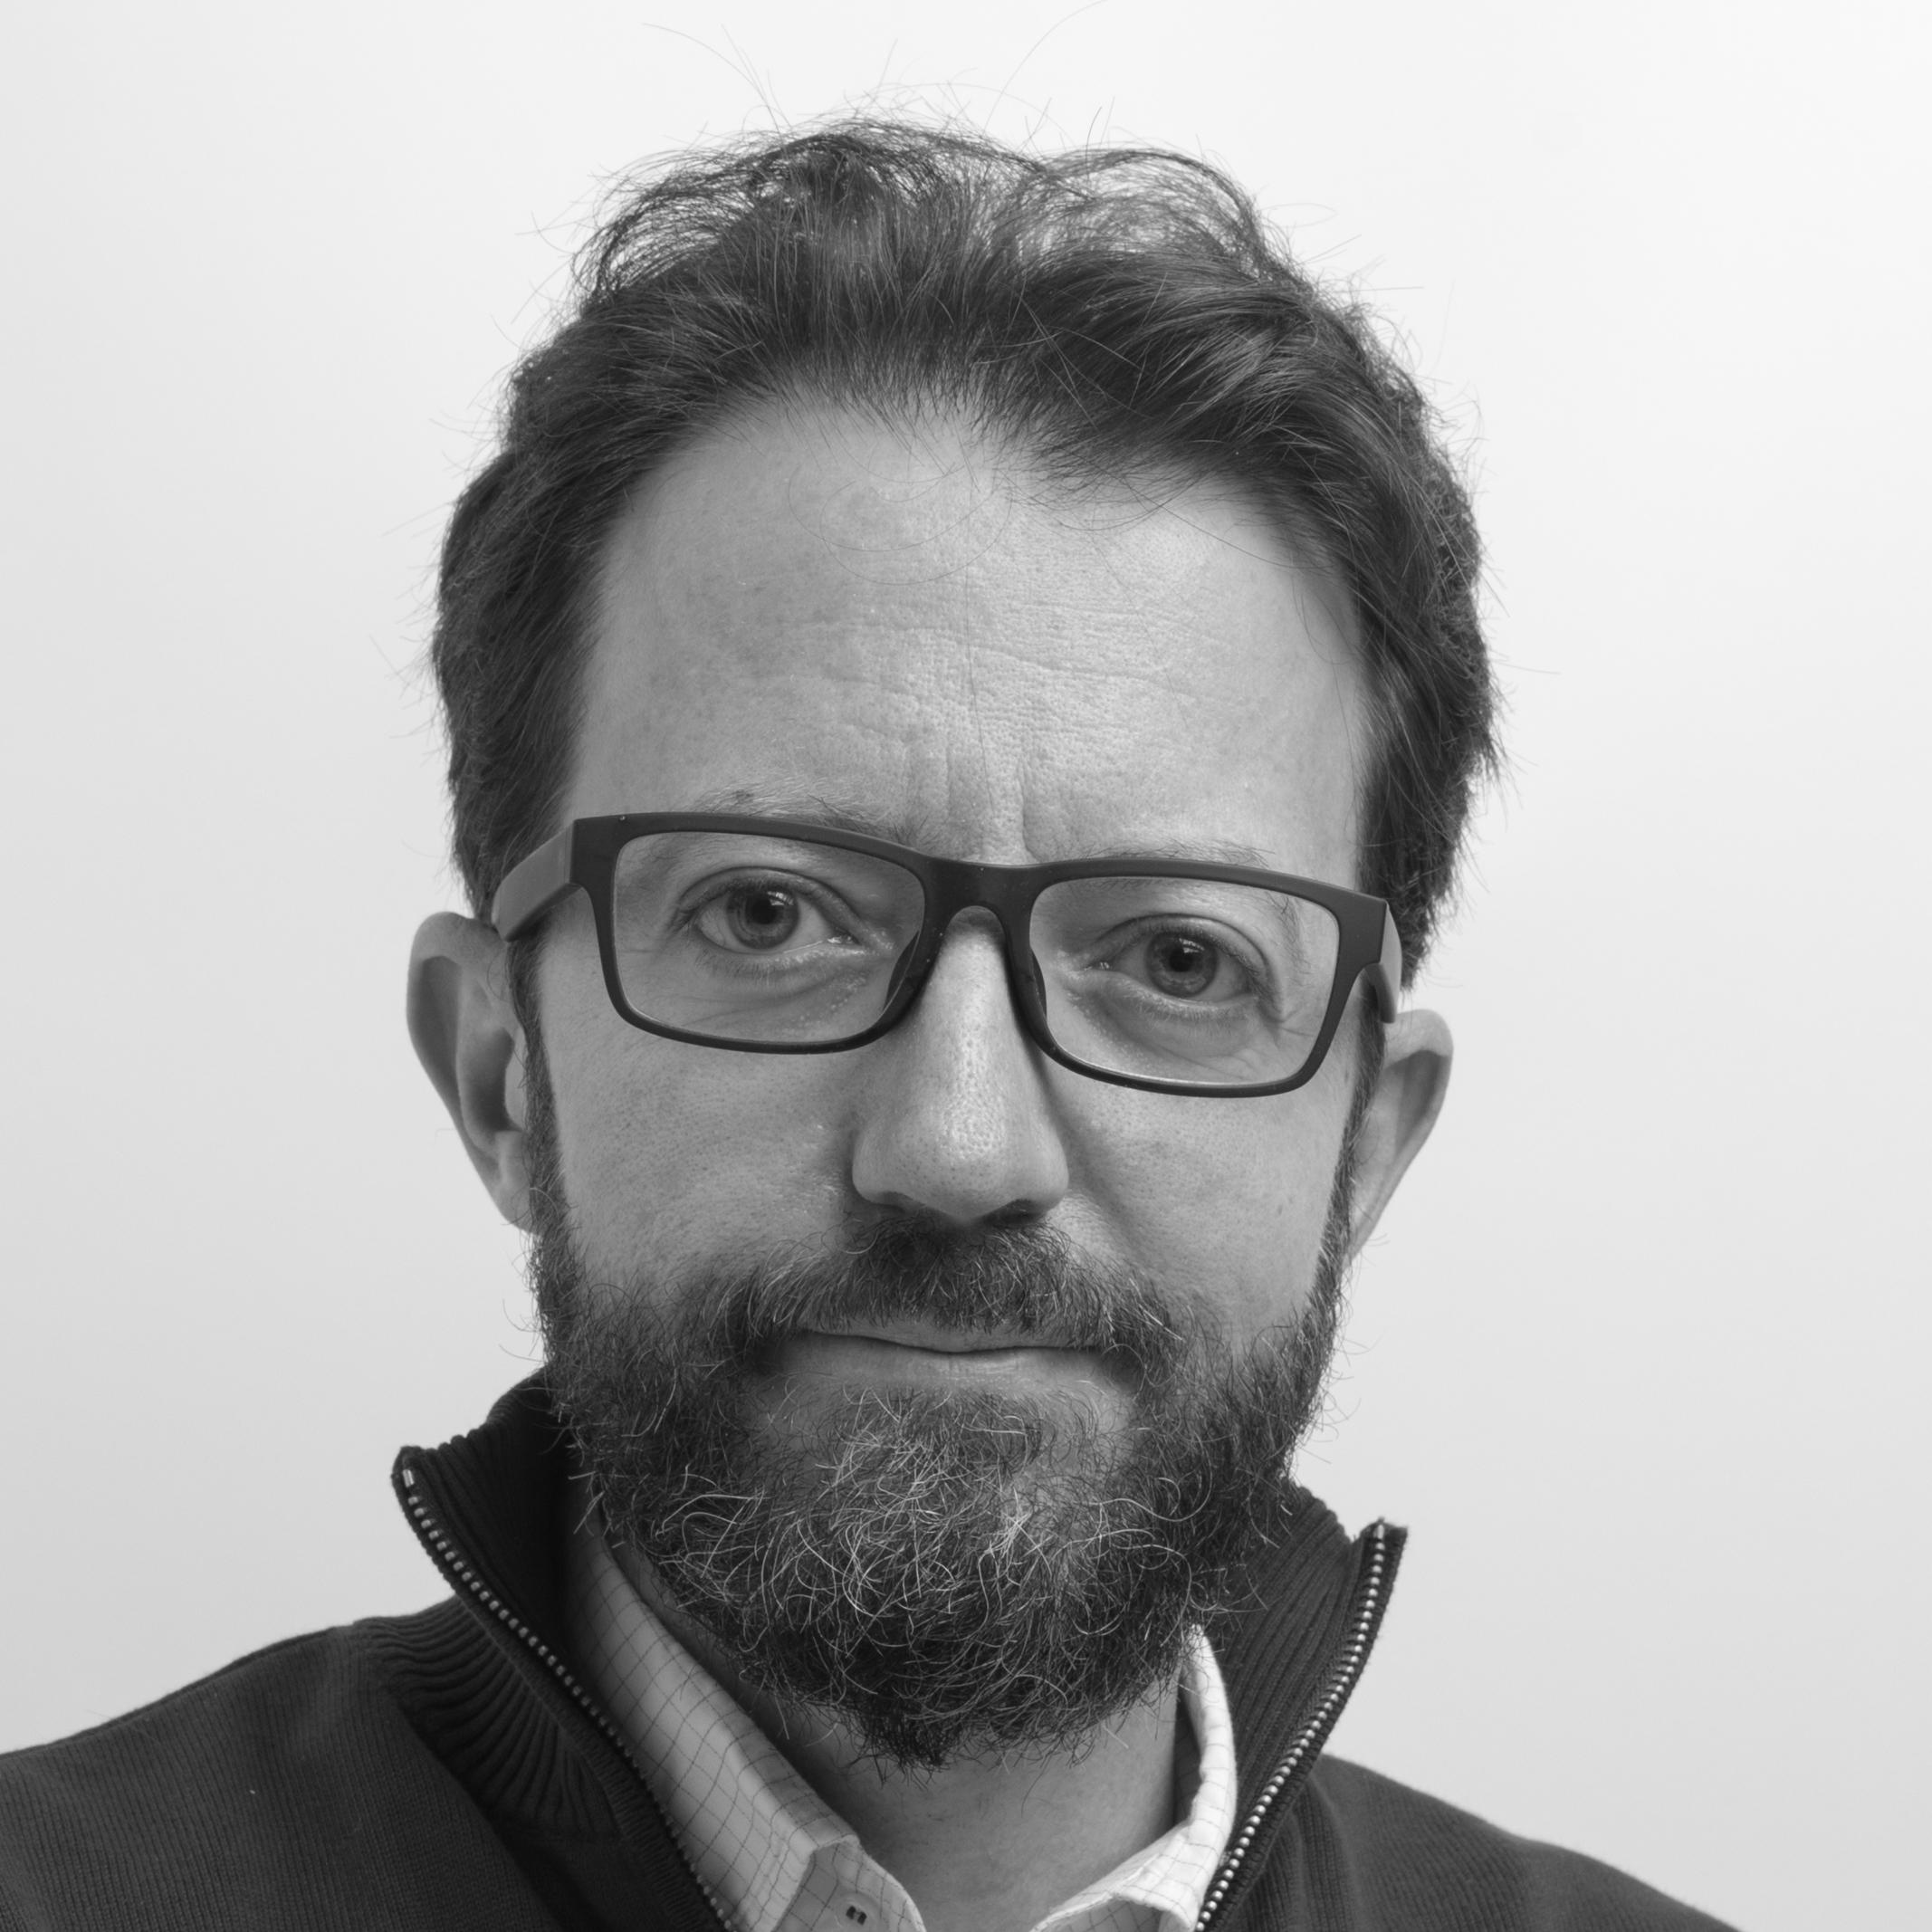 José Manuel Abad Liñán